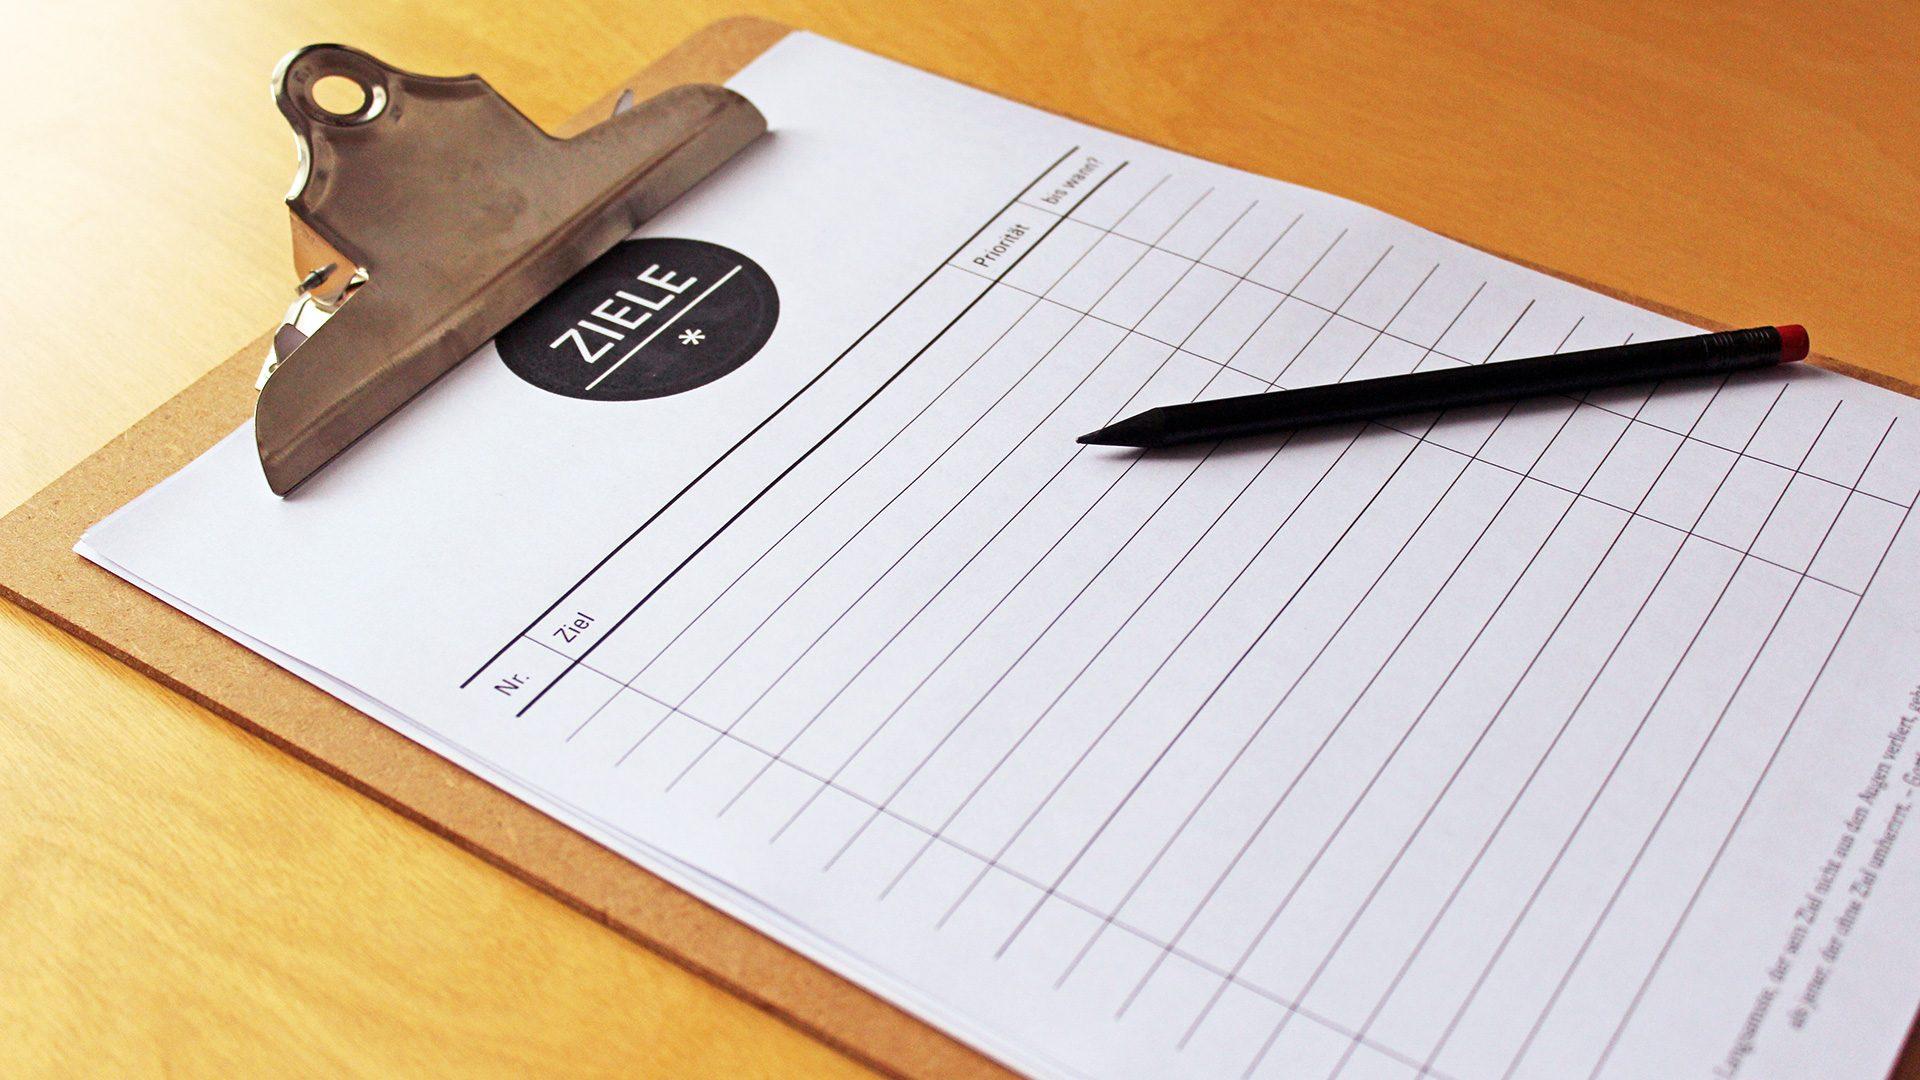 Foto Clipboard mit einem Ziele-Formular von Reklamebüro, Dortmund, Ziele